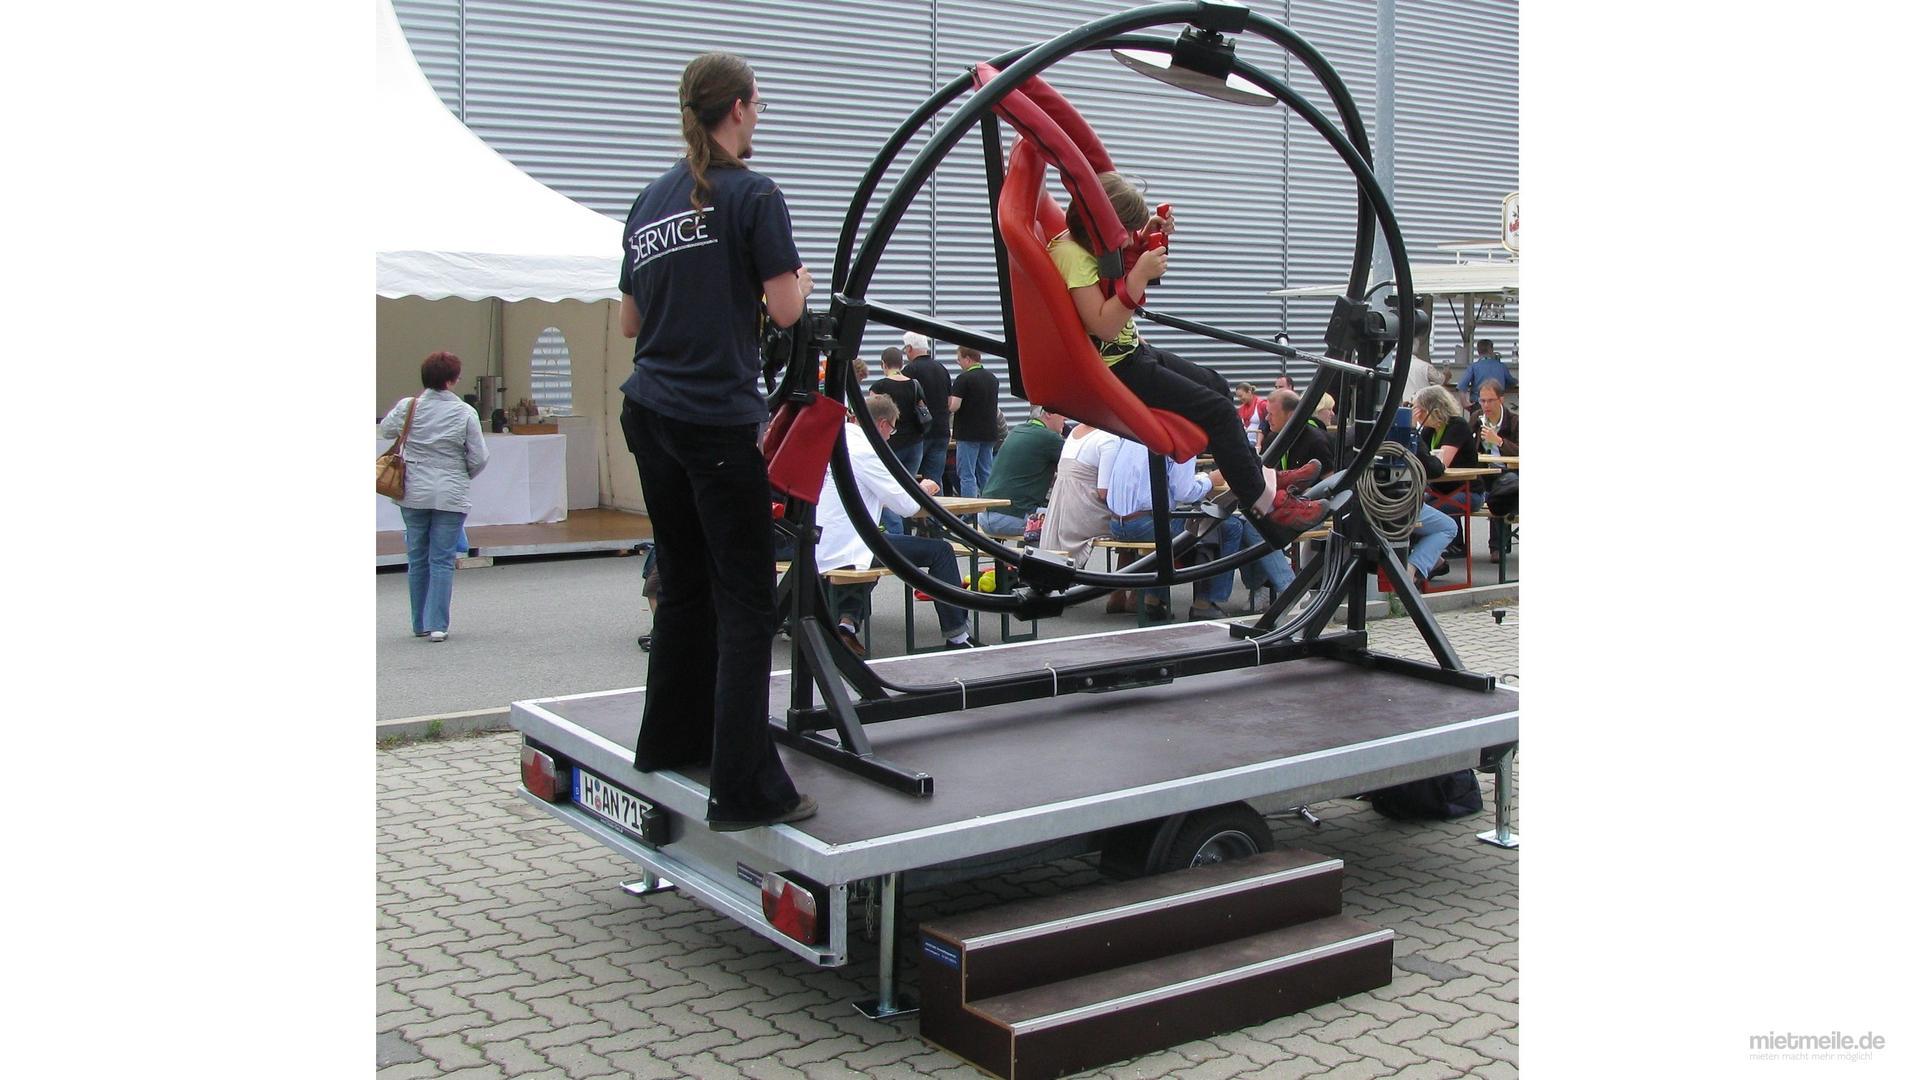 Großspielgeräte mieten & vermieten - Astrotrainer in Hannover